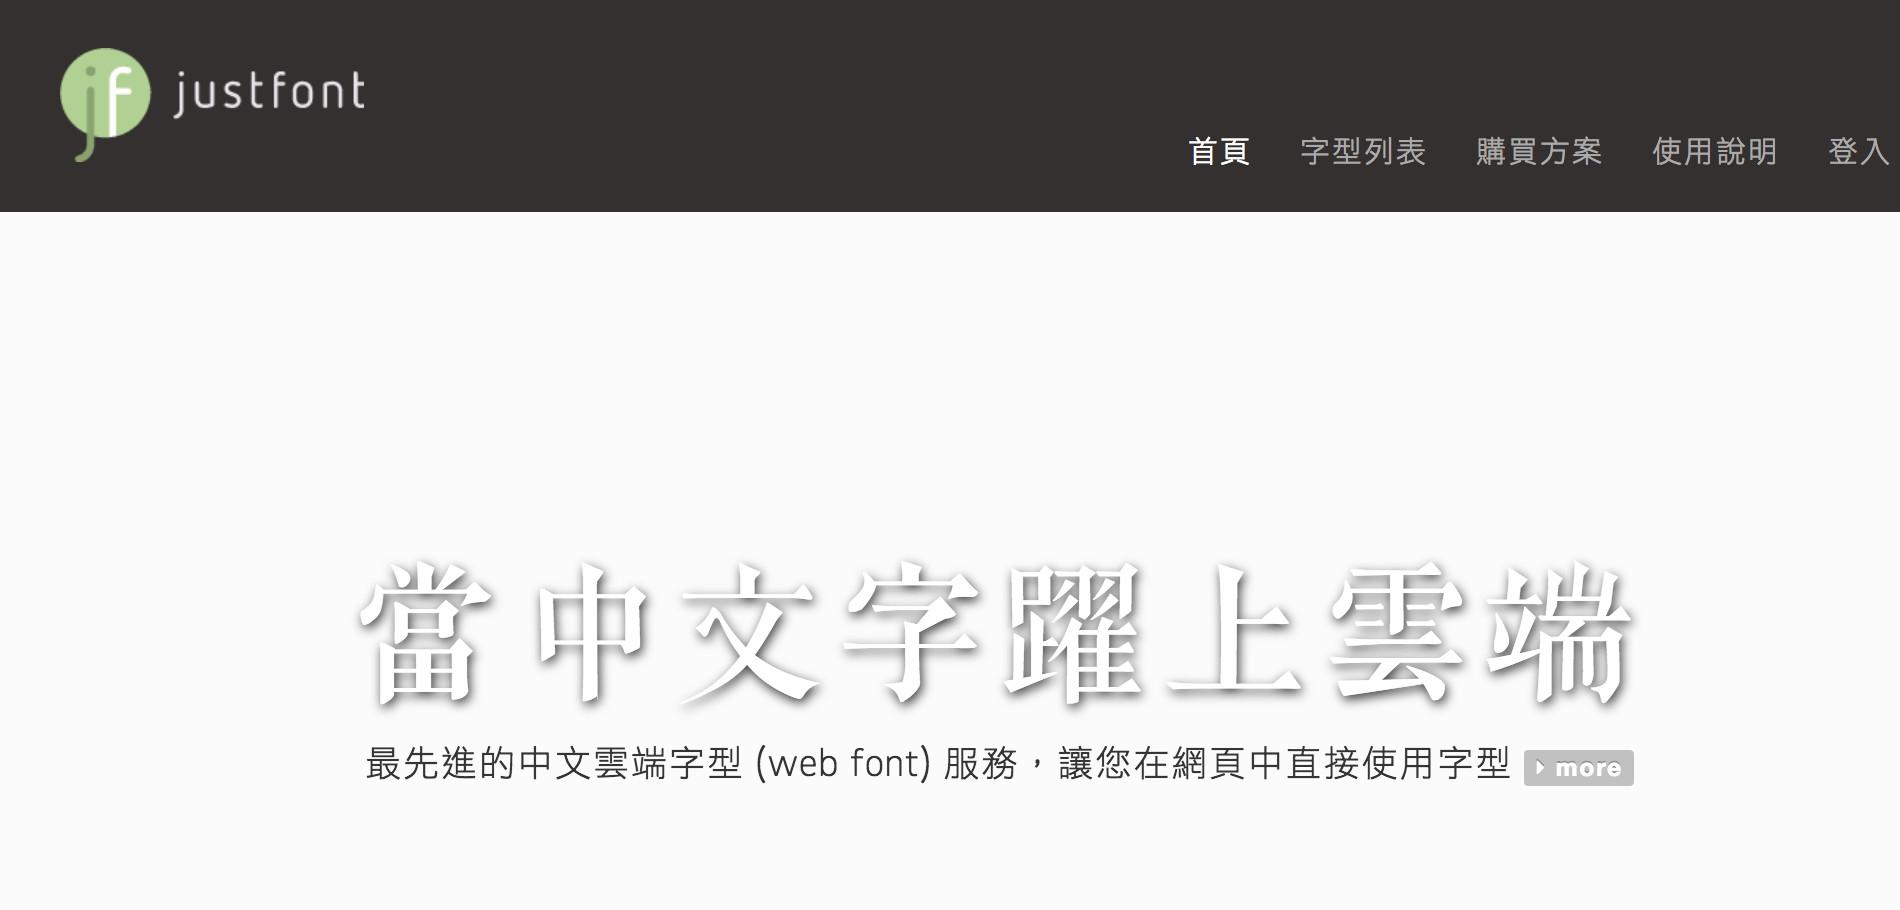 justfont_網頁字體